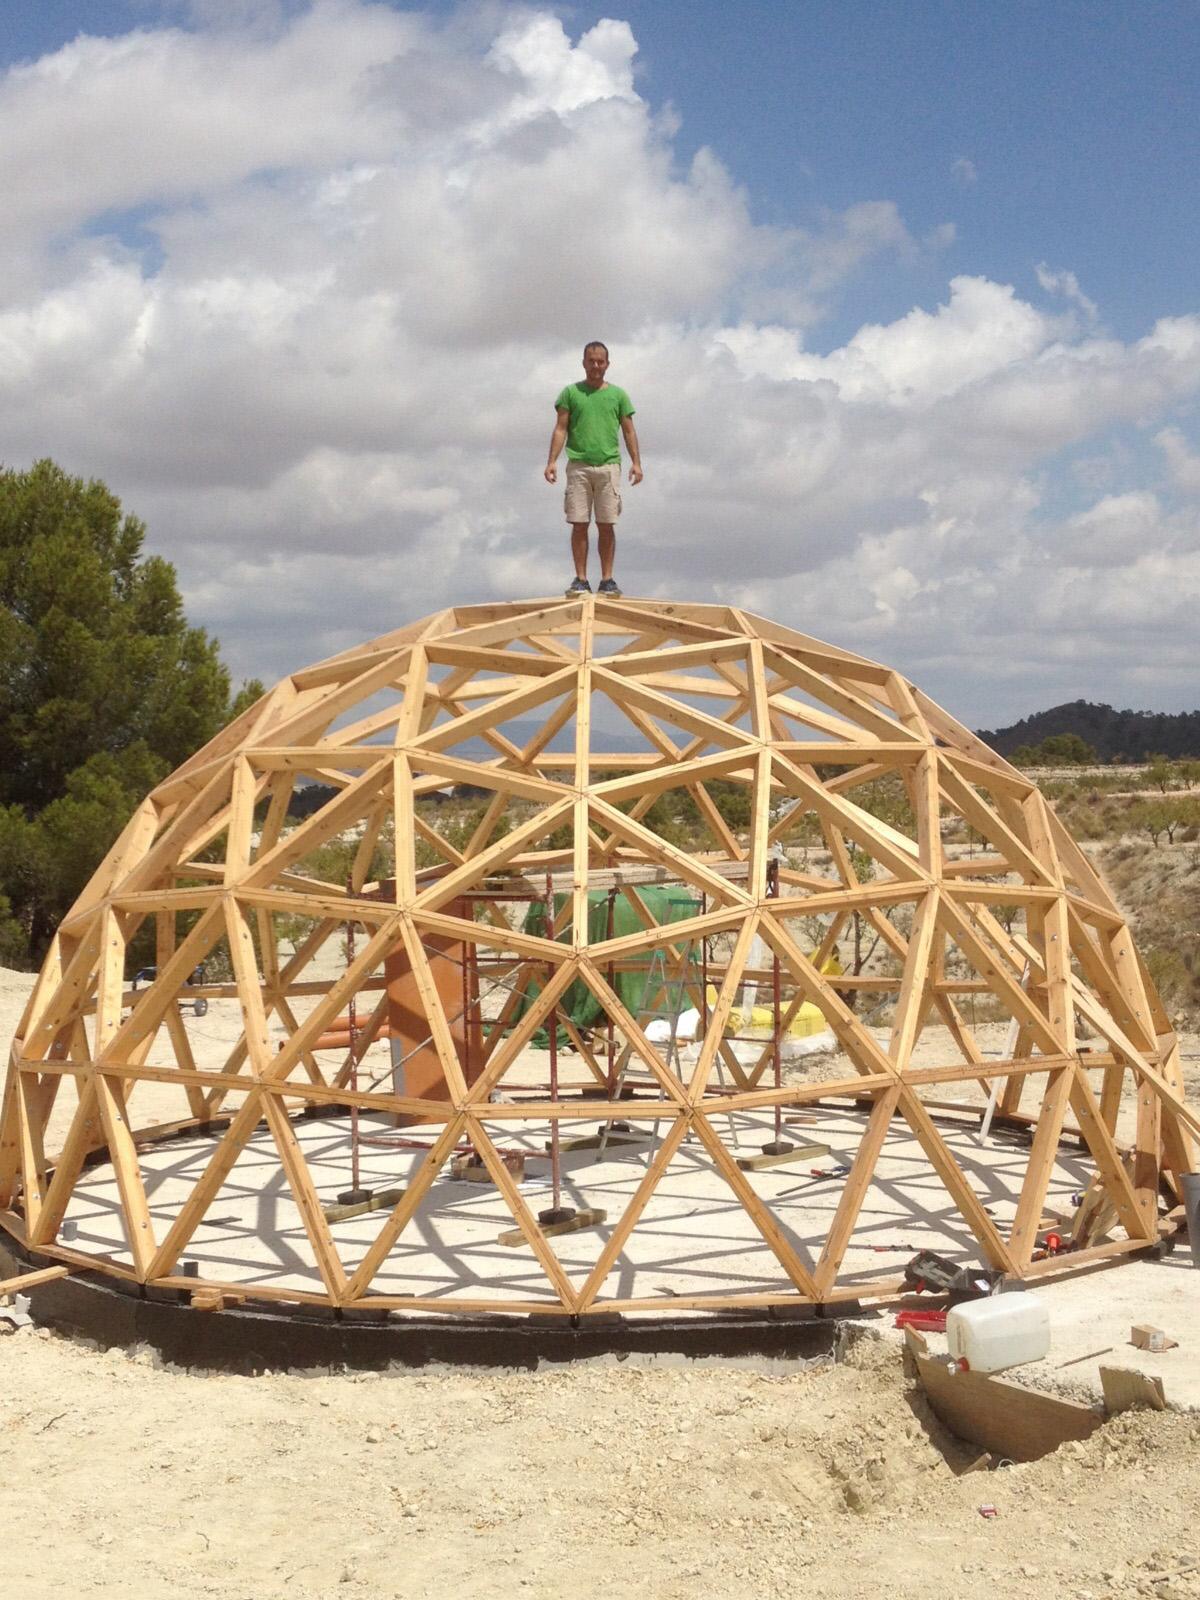 Vivienda geod sica y autosuficiente por ecoproyecta - Casas geodesicas ...